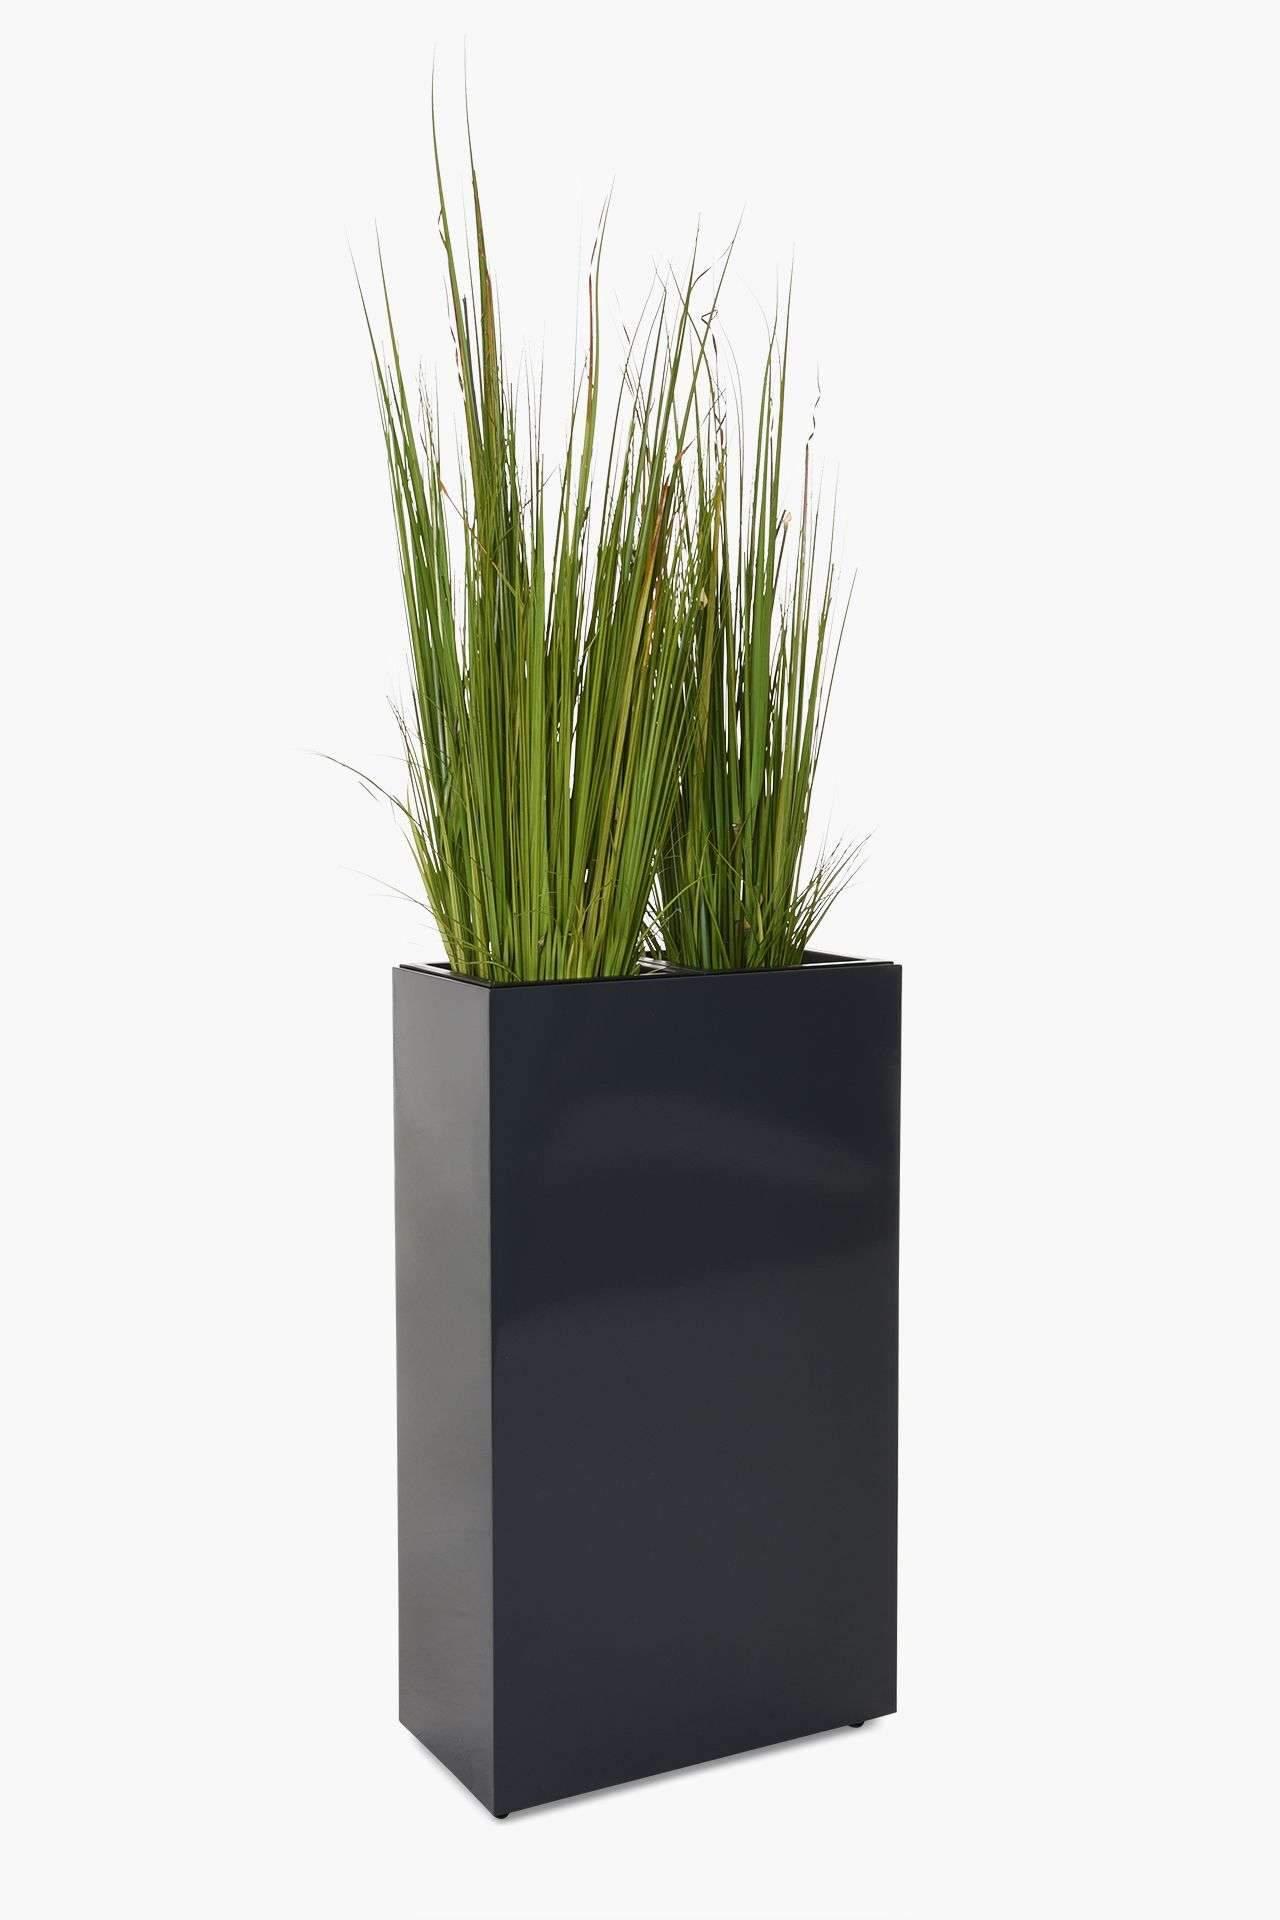 pflanzkuebel raumteiler sichtschutz pulverbeschichtet stahlblech anthrazit 100x59x30 1 1280x1280 2x